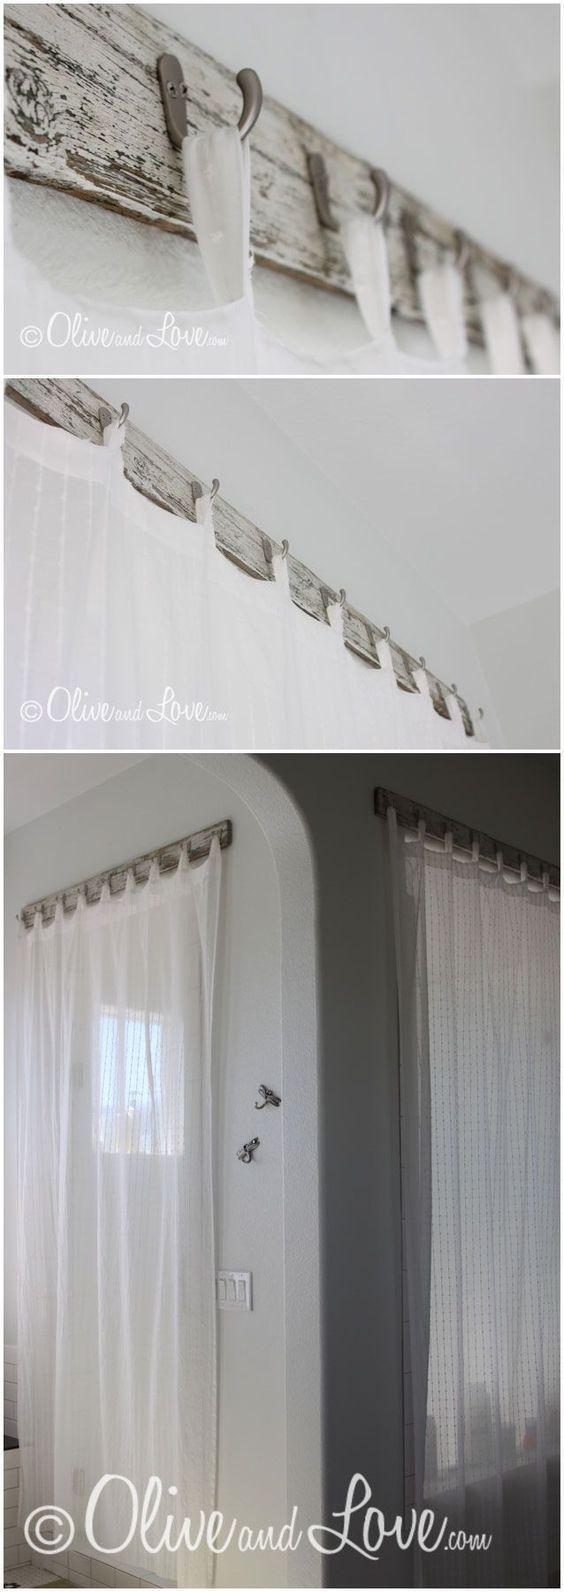 Ha ha hanging curtains interior design -